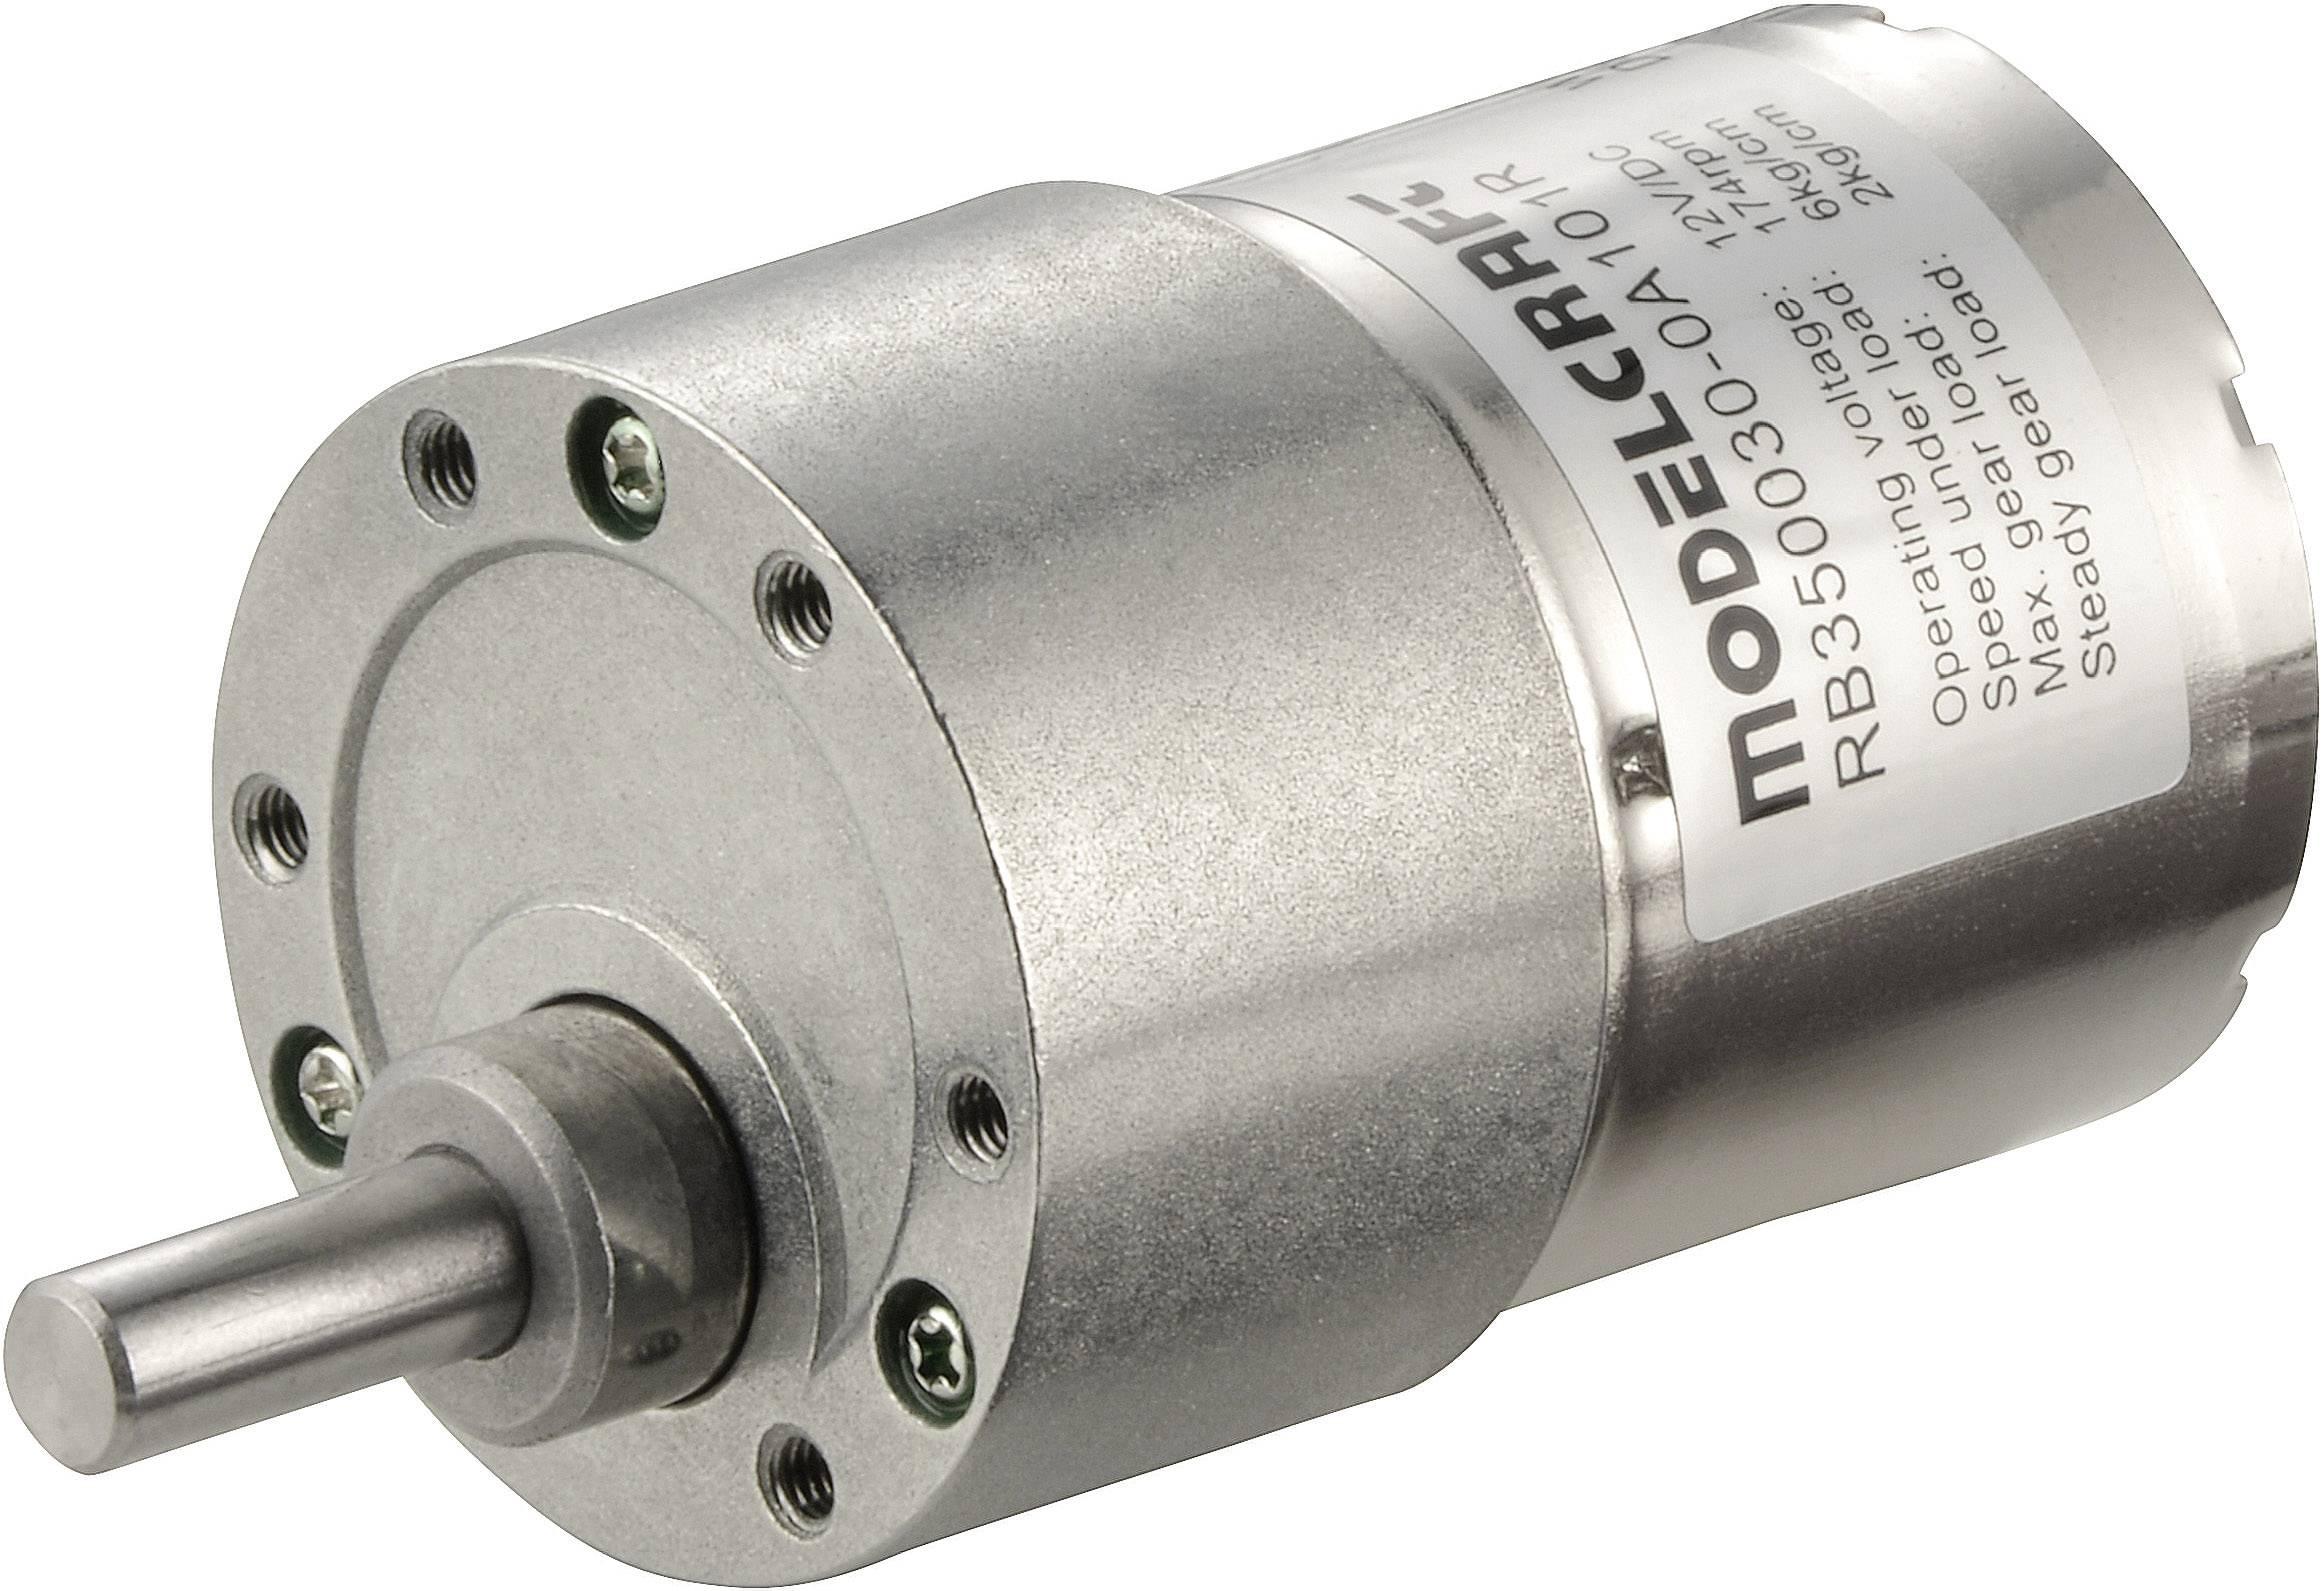 Prevodový motor Modelcraft RB350030-0A101R, 12 V, 30:1